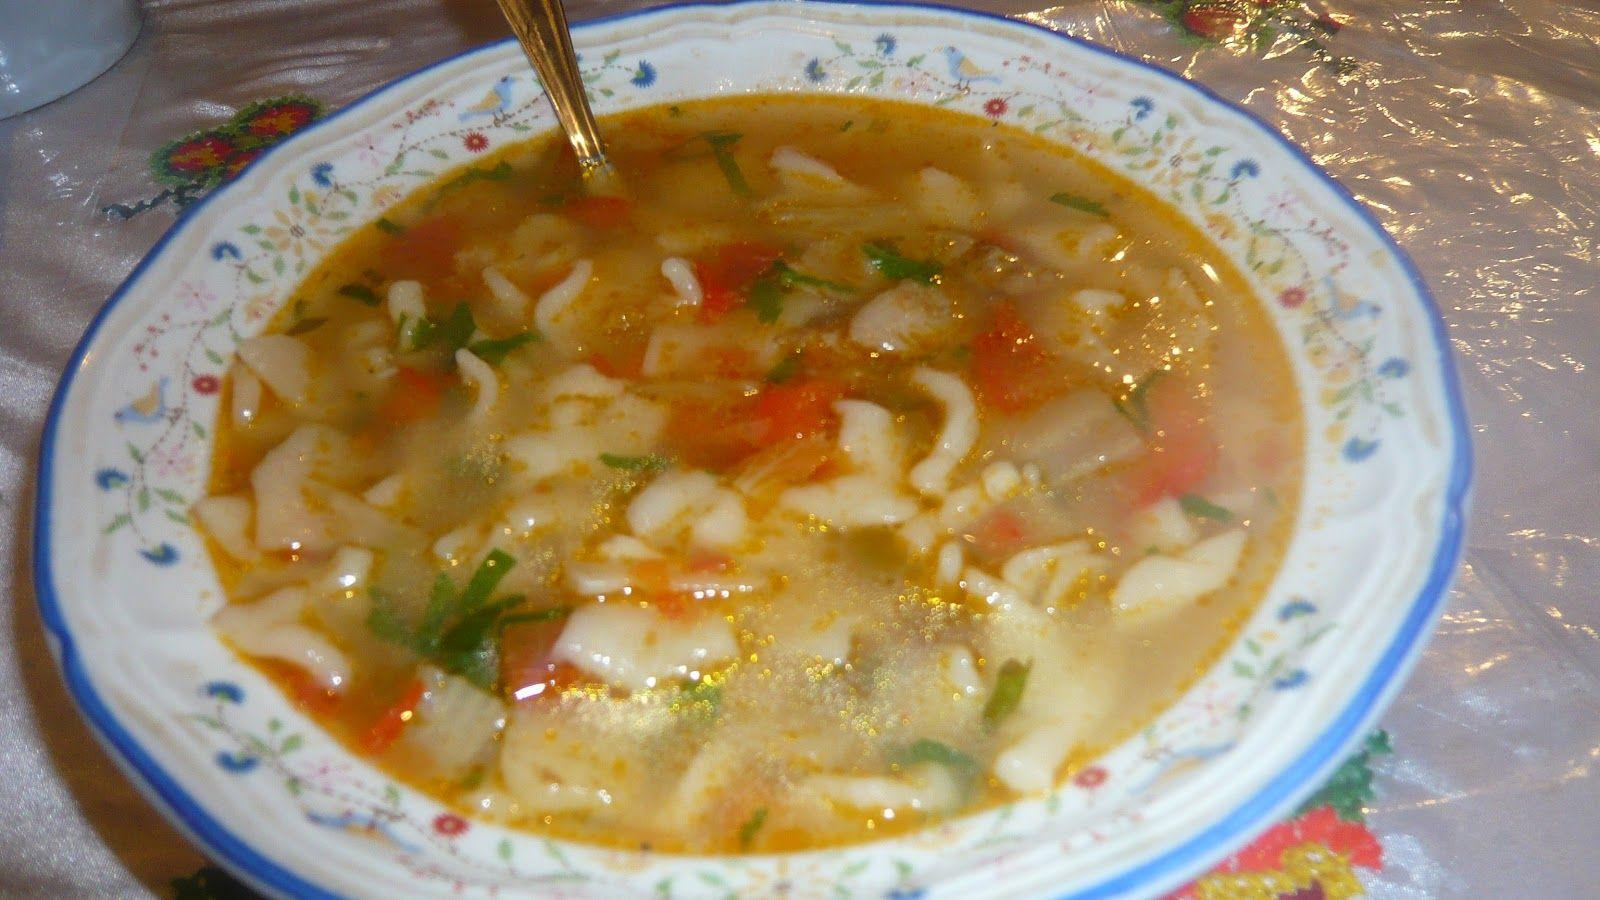 Suyuk ash uyghur noodle soup from uyghur blog this looks suyuk ash uyghur noodle soup from uyghur blog this looks authentic ethnic food forumfinder Gallery